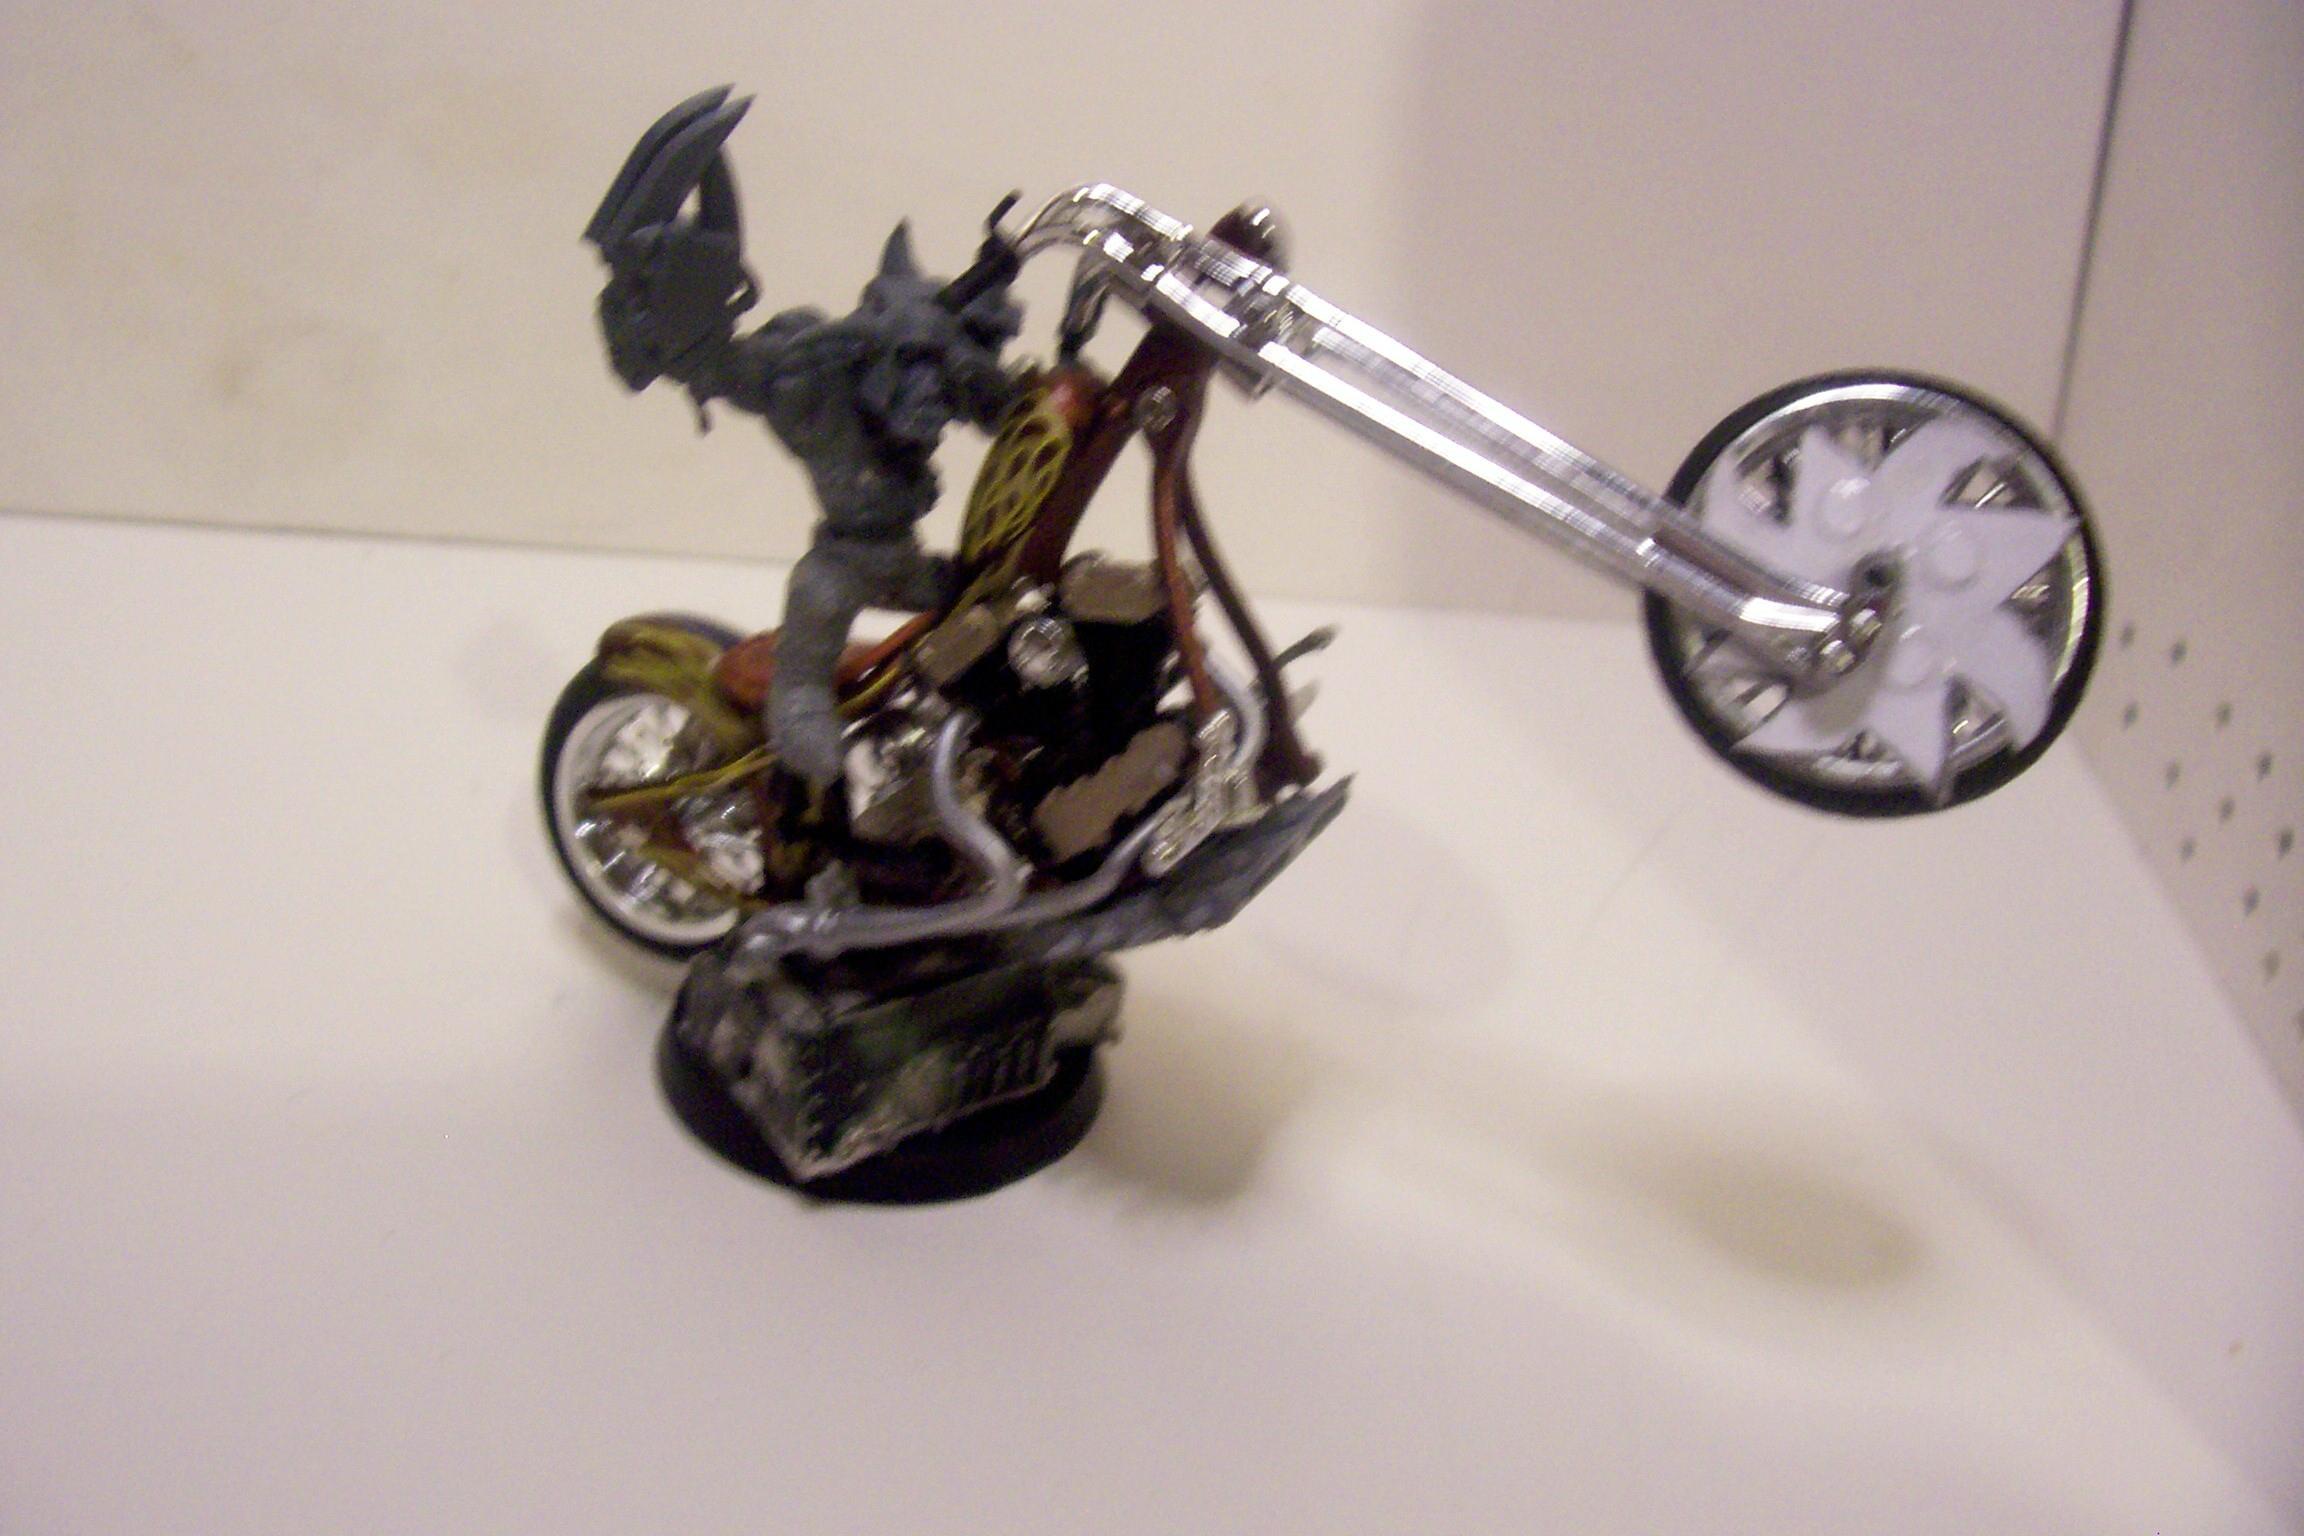 Bike, Conversion, Orks, Toy, Warboss, Warhammer 40,000, Work In Progress